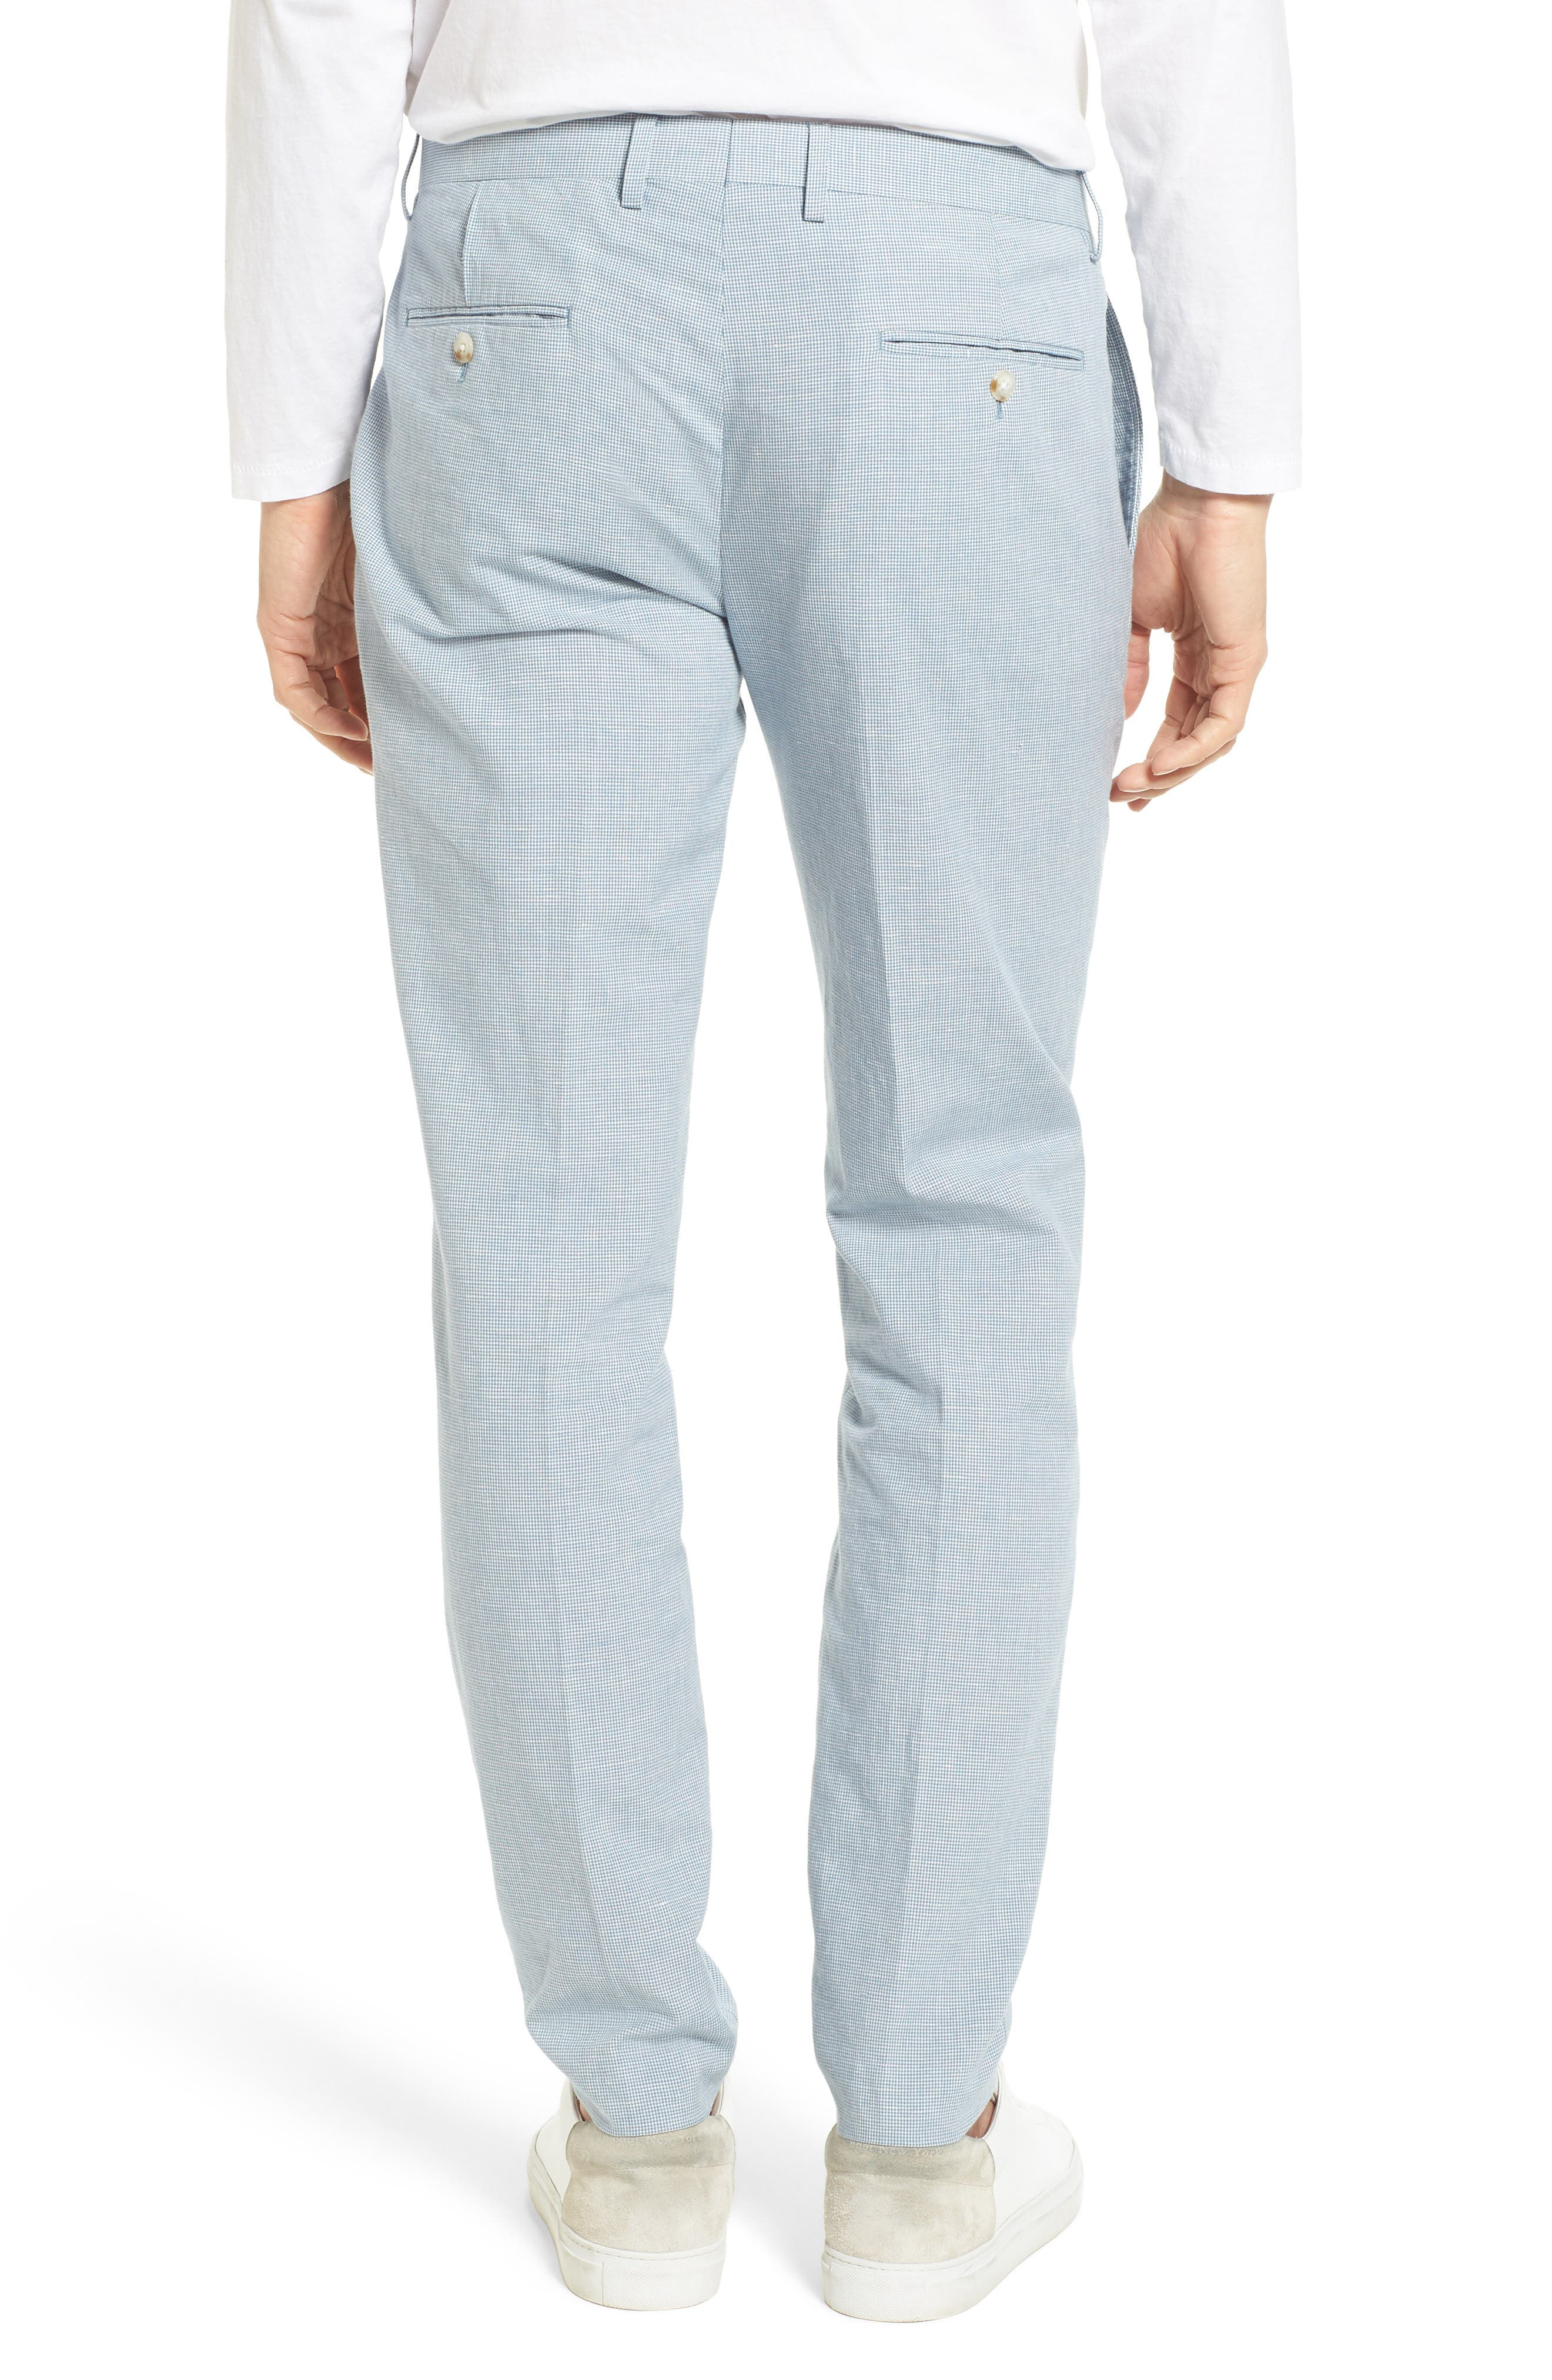 Ludlow Trim Fit Houndstooth Cotton & Linen Suit Pants,                             Alternate thumbnail 2, color,                             Light Blue